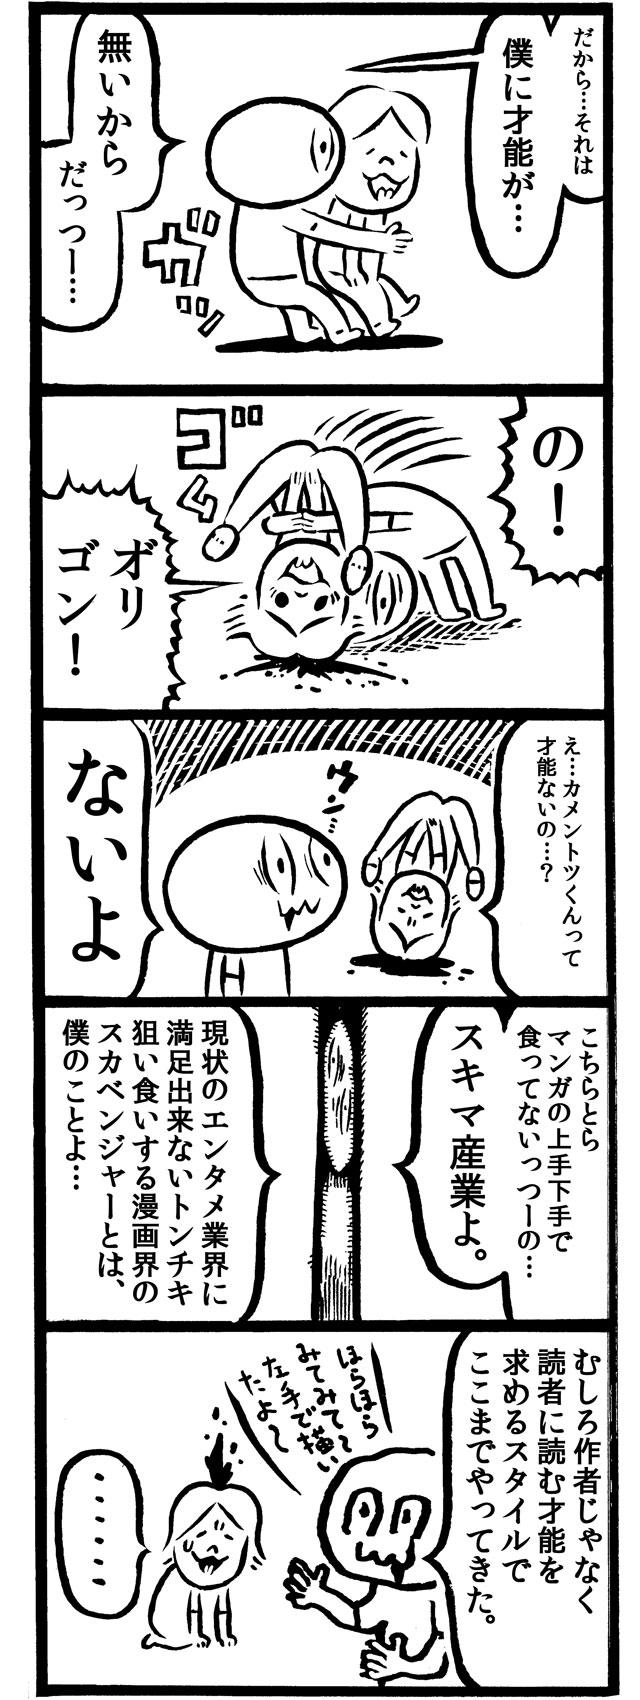 f:id:kakijiro:20151225102437j:plain